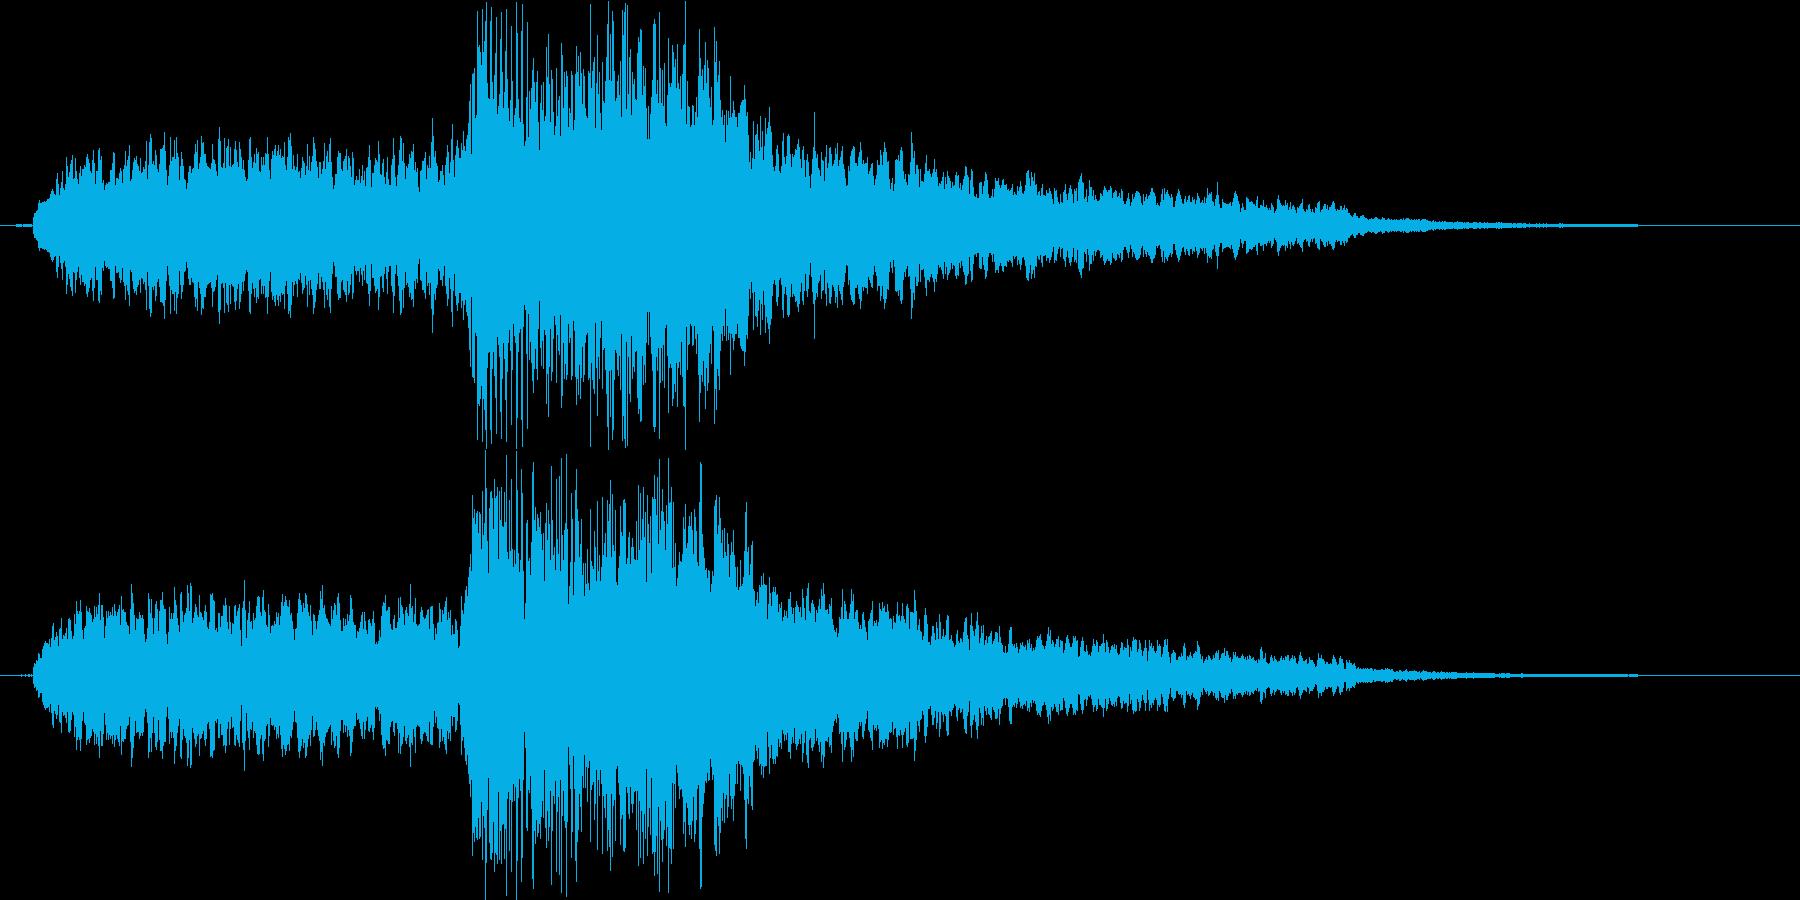 静かな音からハープで終わるエンディング曲の再生済みの波形